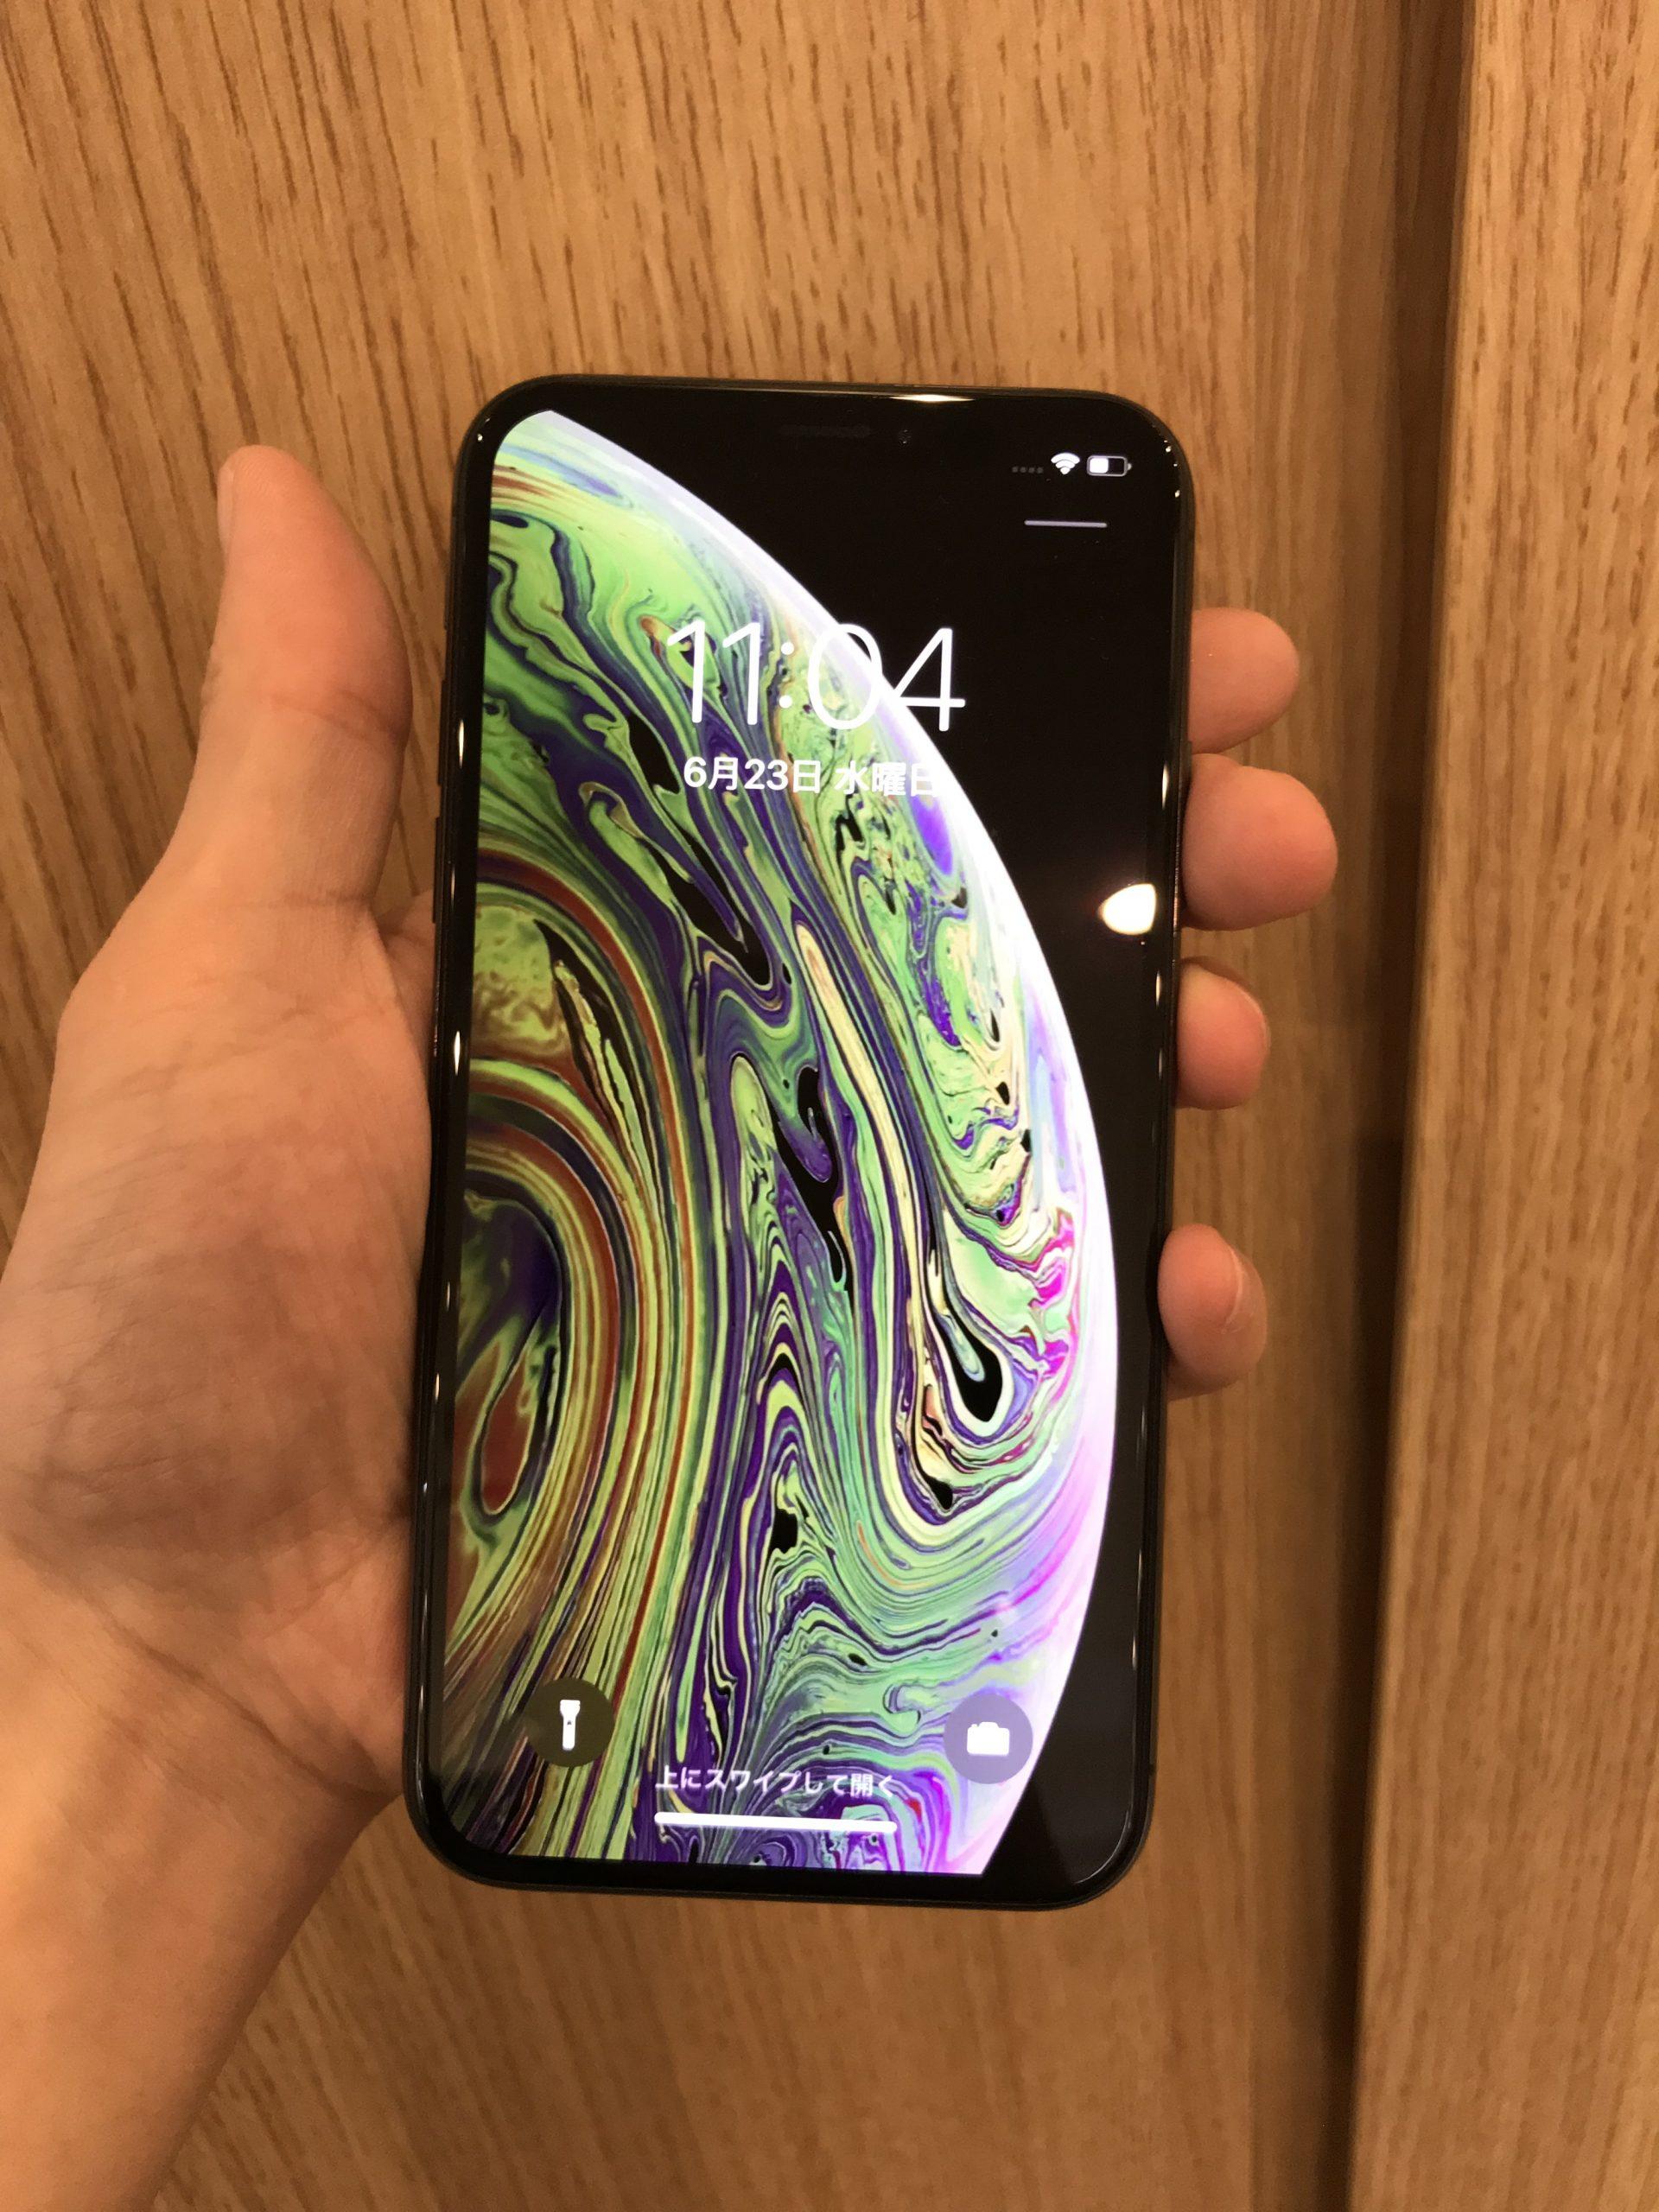 iPhoneXS 64GB スペースグレー Docomo 〇 中古